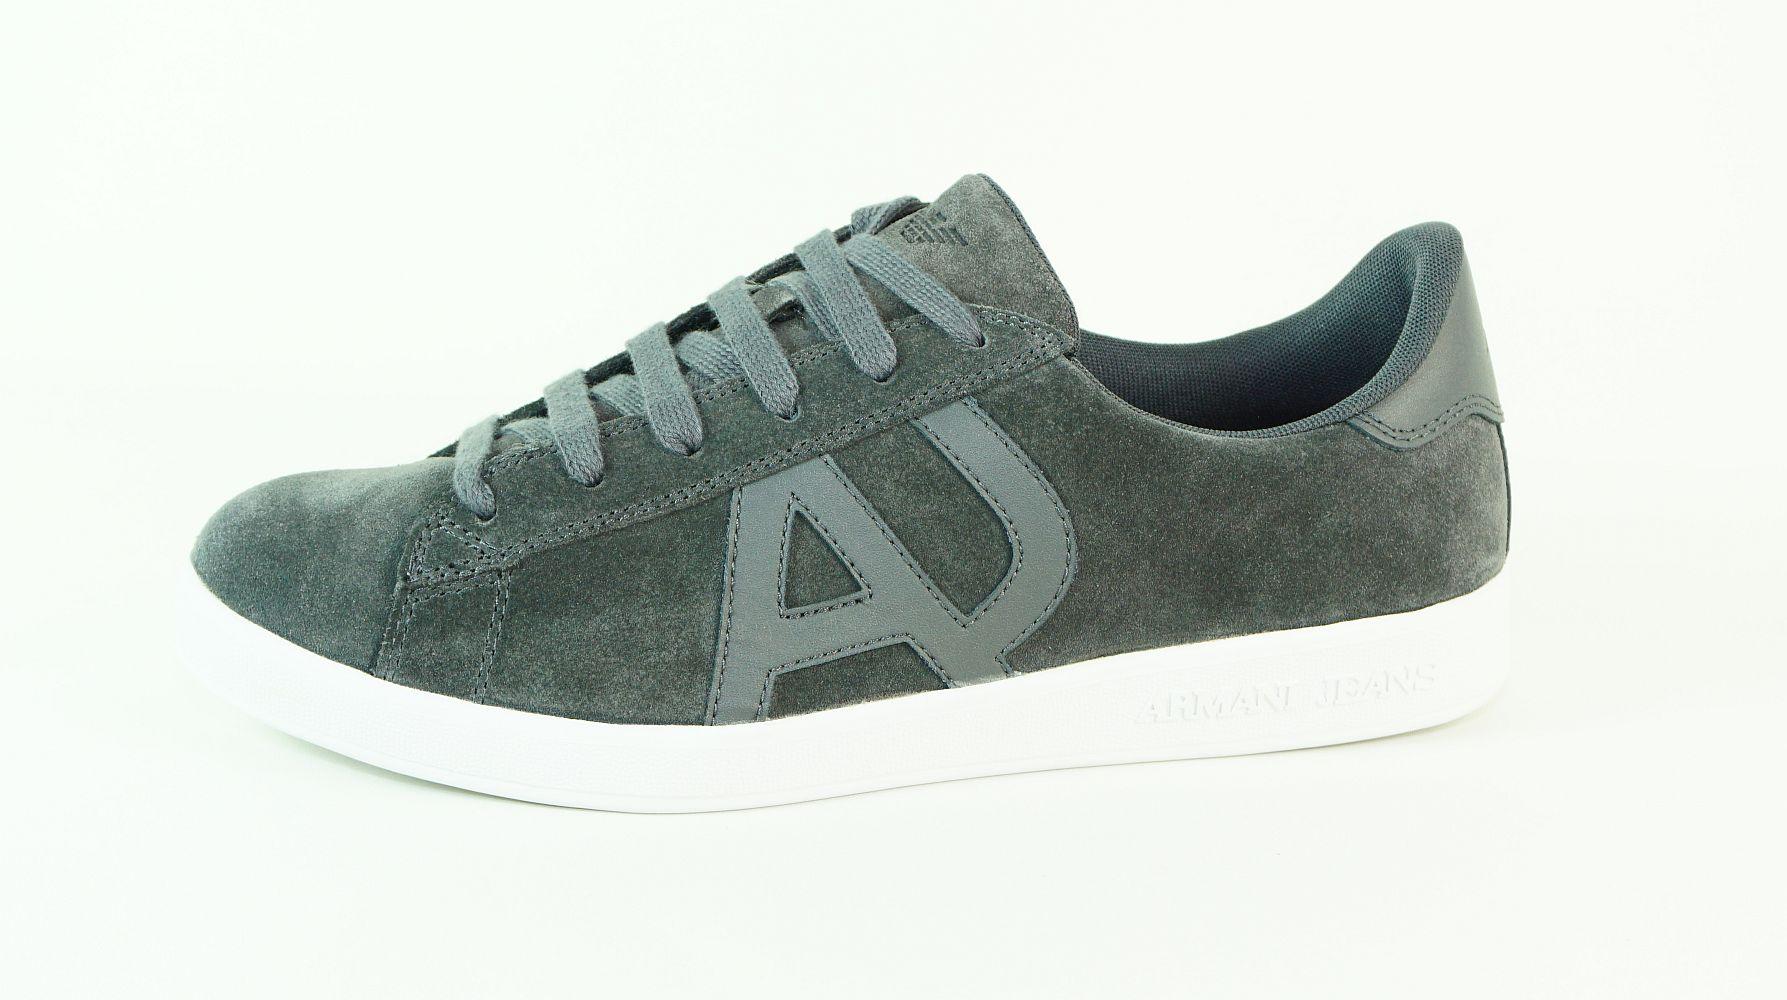 Armani Jeans Schuhe Sneaker Low Cut 935565 CC501 00041 Grigoro HW16-AJ